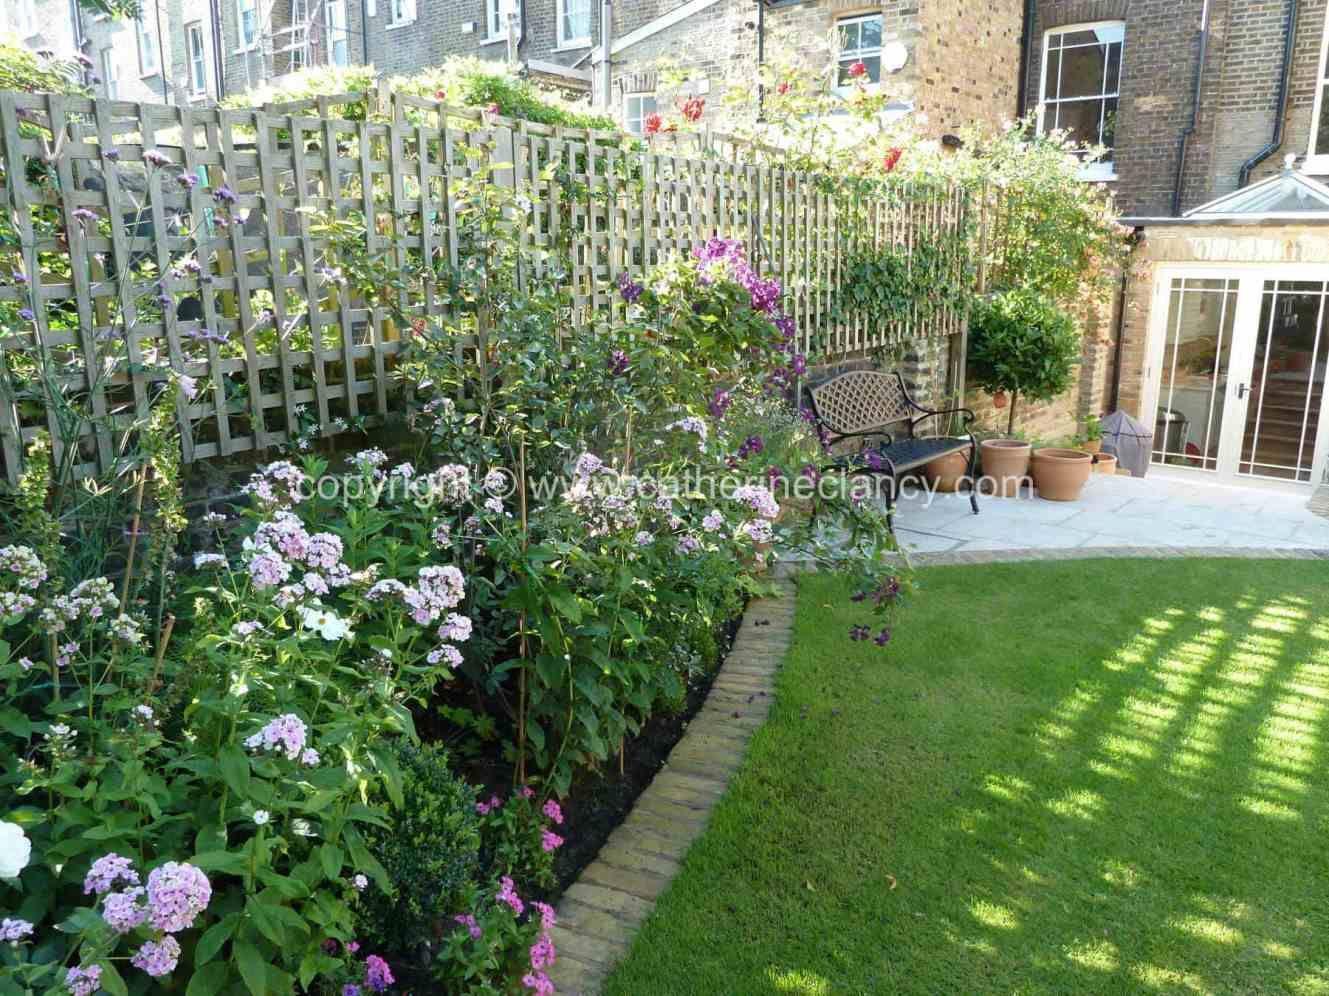 Victorian North Facing Garden North Facing Garden Garden Design London Family Garden